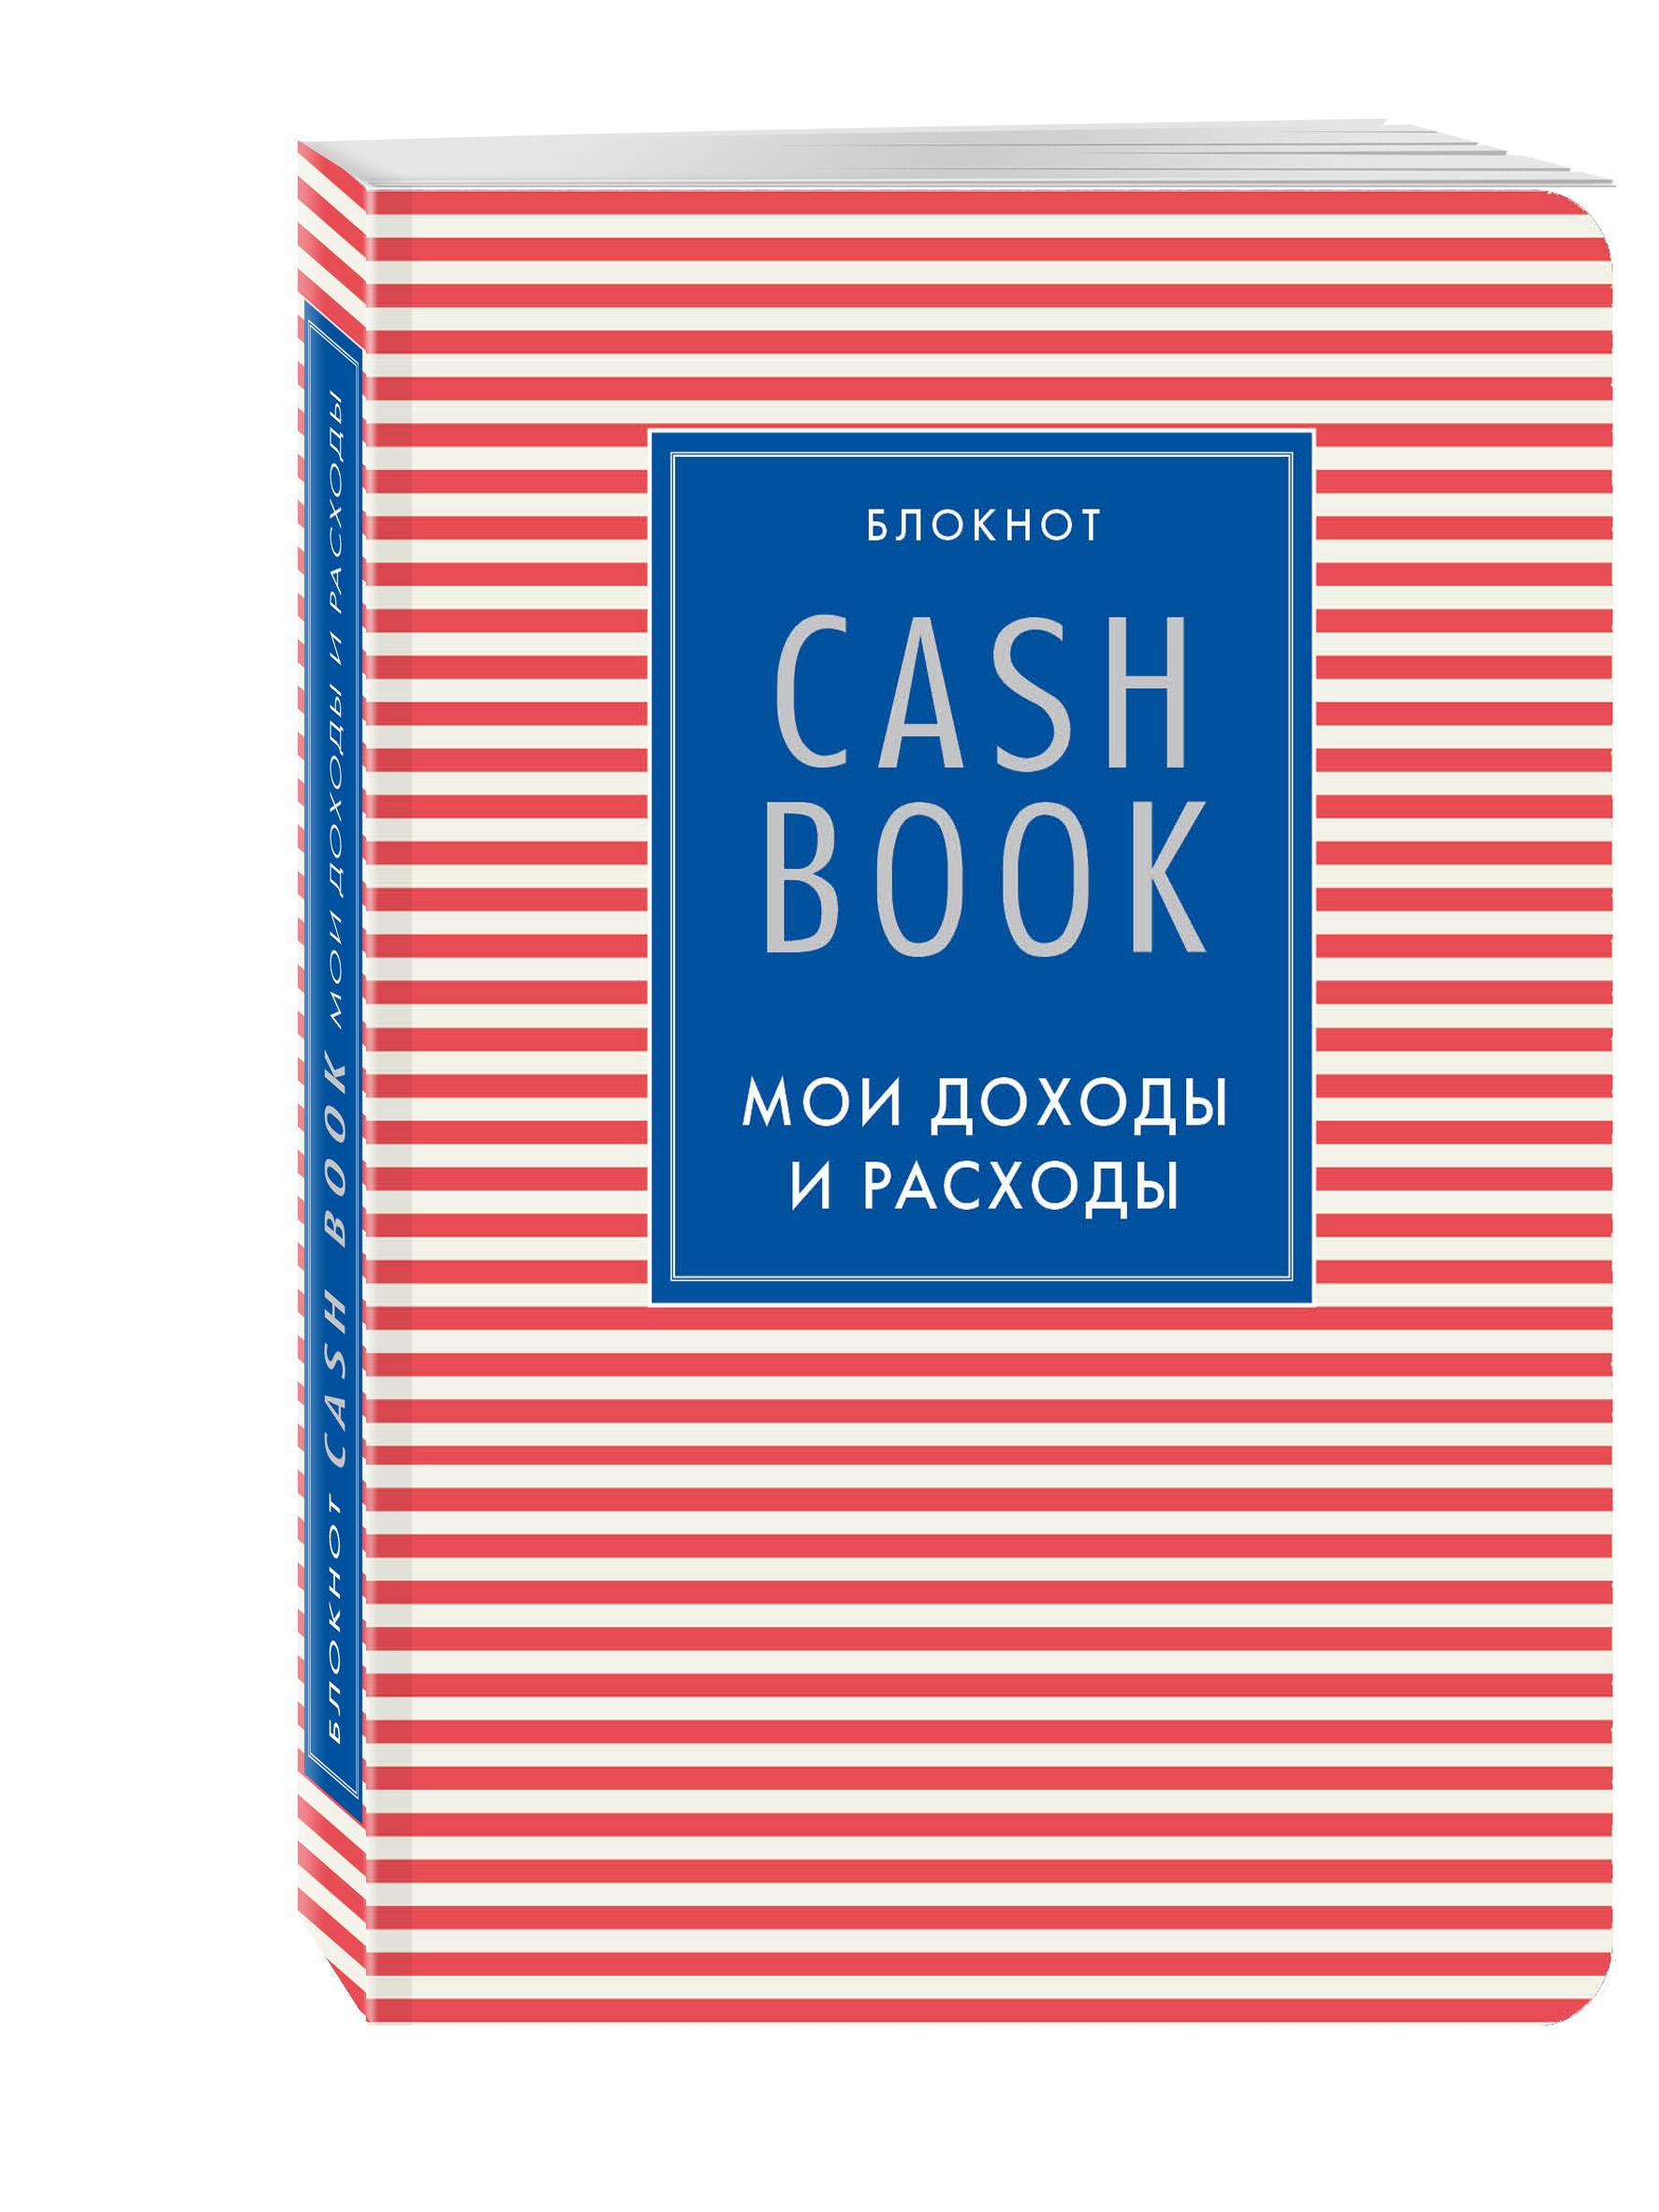 CashBook. Мои доходы и расходы. 4-е издание, 4-е оформление cashbook мои доходы и расходы 4 е изд 3 е оф